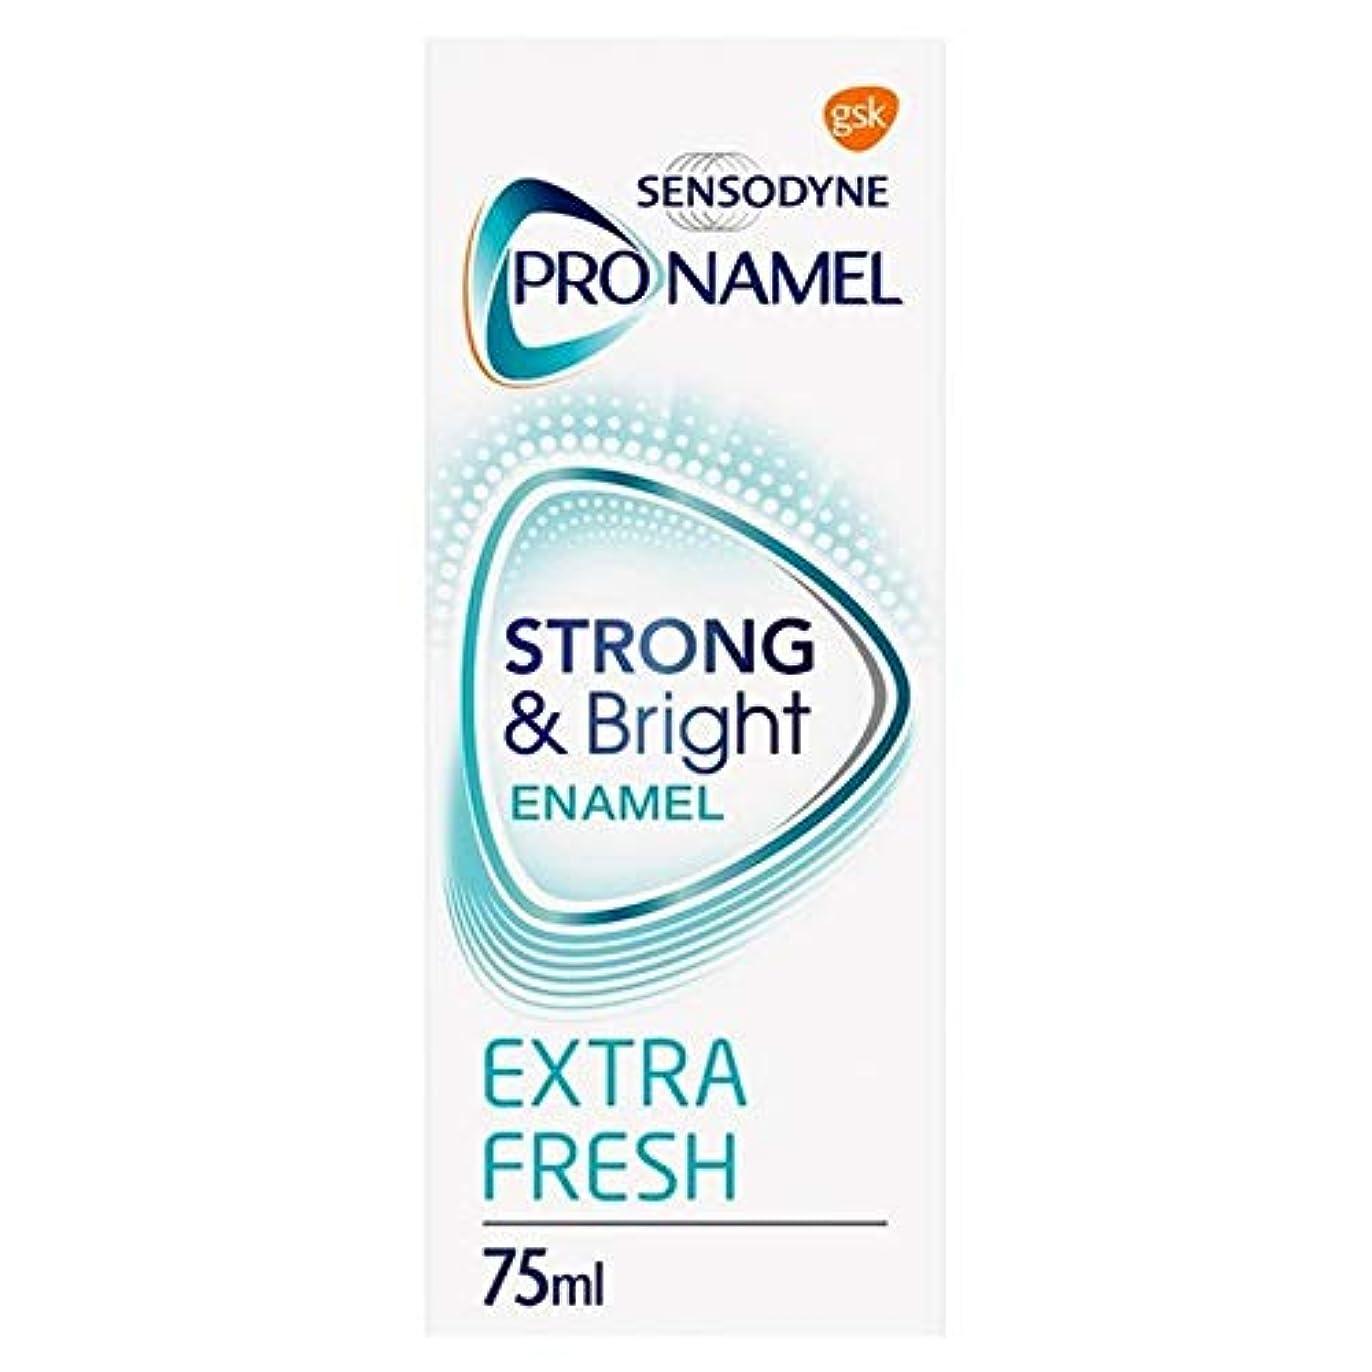 交通追記リズム[Sensodyne] SensodyneのPronamel強い&ブライト歯磨き粉75ミリリットル - Sensodyne Pronamel Strong & Bright Toothpaste 75ml [並行輸入品]